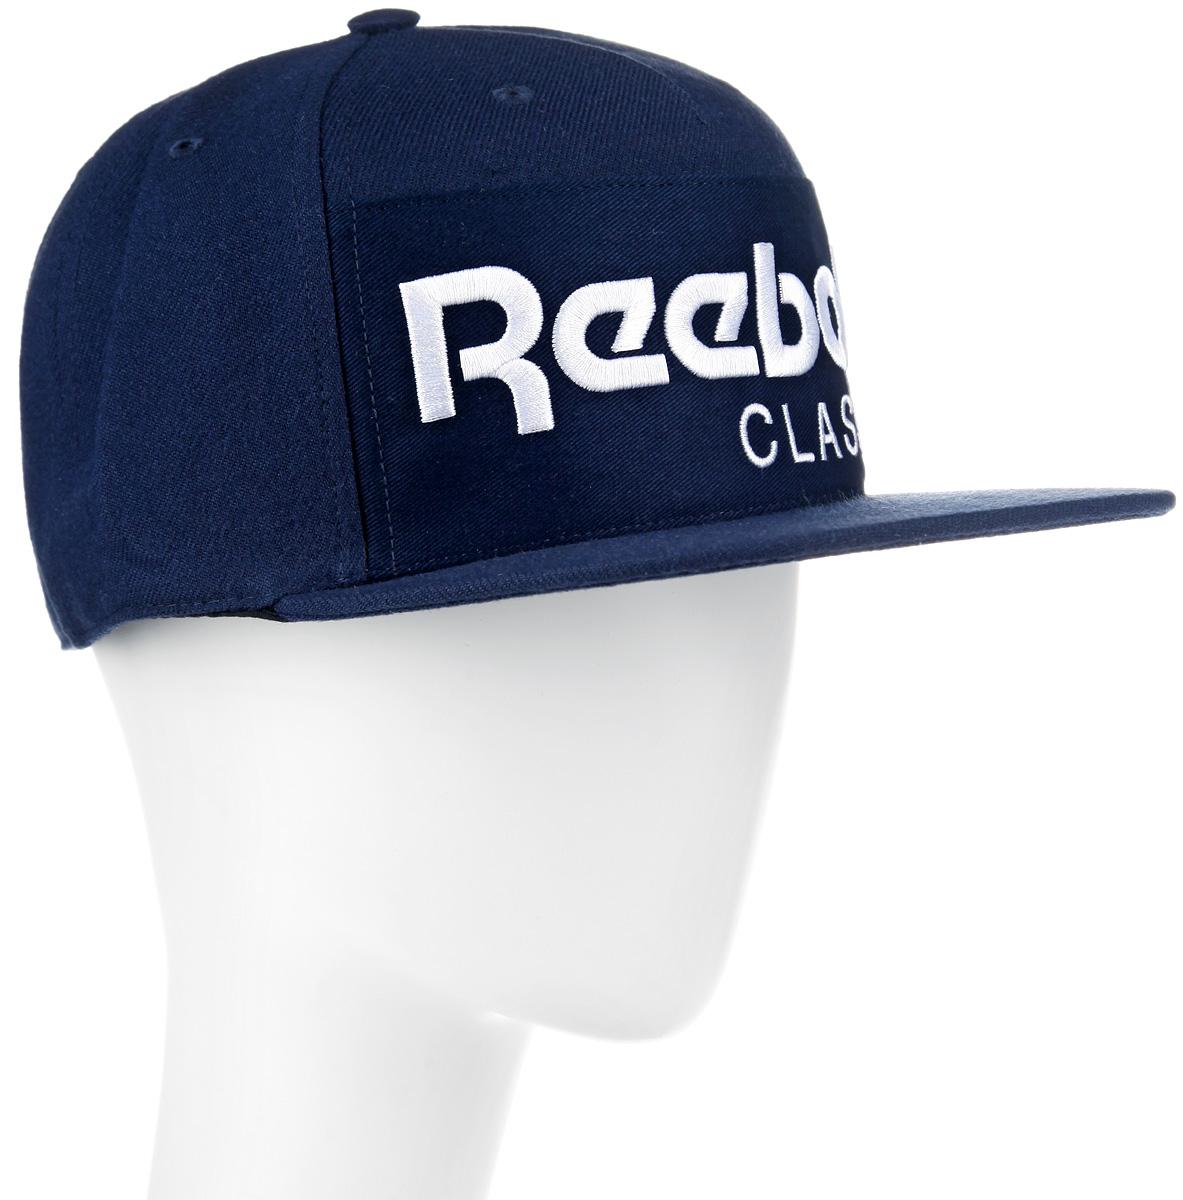 Бейсболка Reebok CL FOUNDATION, цвет: синий. AO0039. Размер M (56/58)AO0039Стильная бейсболка Reebok CL FOUNDATION идеально подойдет для прогулок, занятий спортом и отдыха.Бейсболка выполнена из 100% хлопка, снабжена впитывающей внутренней отделкойи имеет плотный плоский козырек. Модель дополнена специальными отверстиями, обеспечивающими необходимую вентиляцию. Бейсболка на фронтальной части декорирована нашивкой из твила с вышитым логотипом Reebok, а застёжка сзади имеет тканый ярлык с символикой Reebok Classic. Объем бейсболки регулируется при помощи пластиковой застежки на кнопках. Такая бейсболка станет отличным аксессуаром и дополнит ваш повседневный образ.